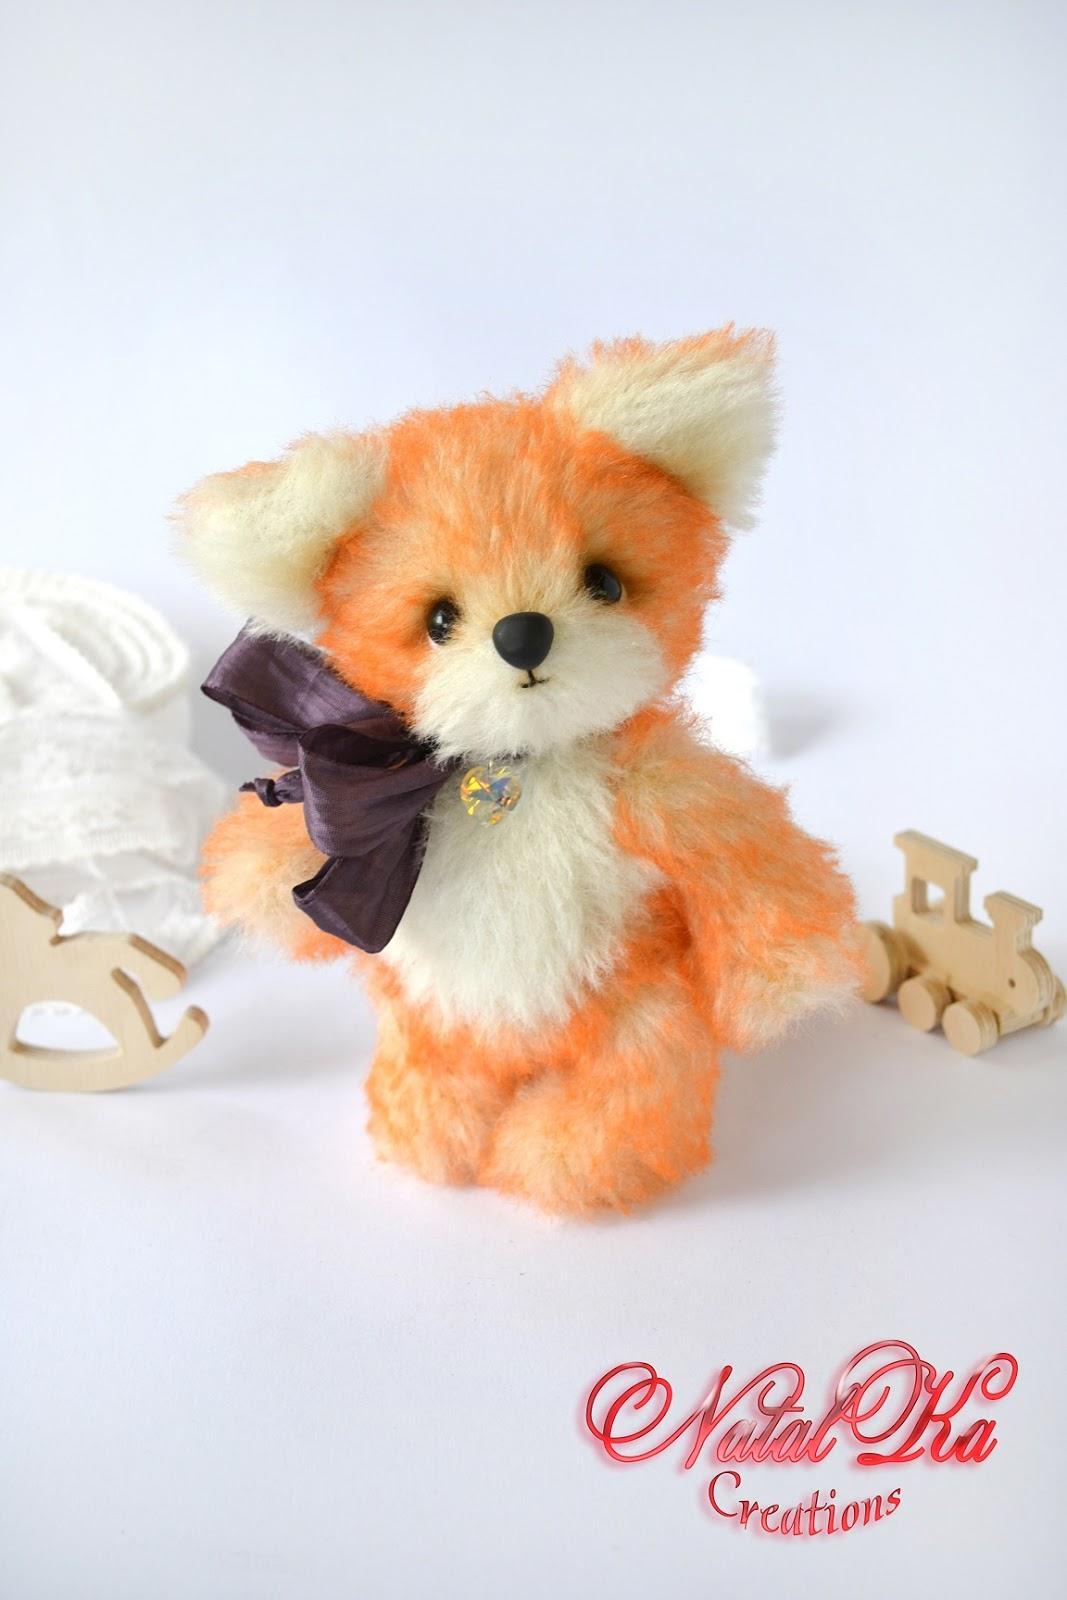 Künstler Teddy Fuchs handgemacht aus Alpaka von NatalKa Creations. Artist teddy fox ooak handmade from alpaka Schulte by NatalKa Creations.